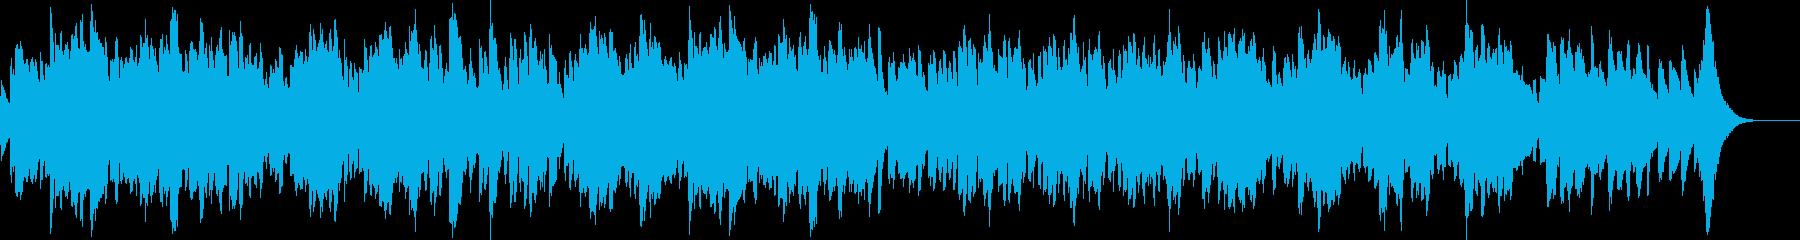 オルゴール音色のヒーリング音楽の再生済みの波形